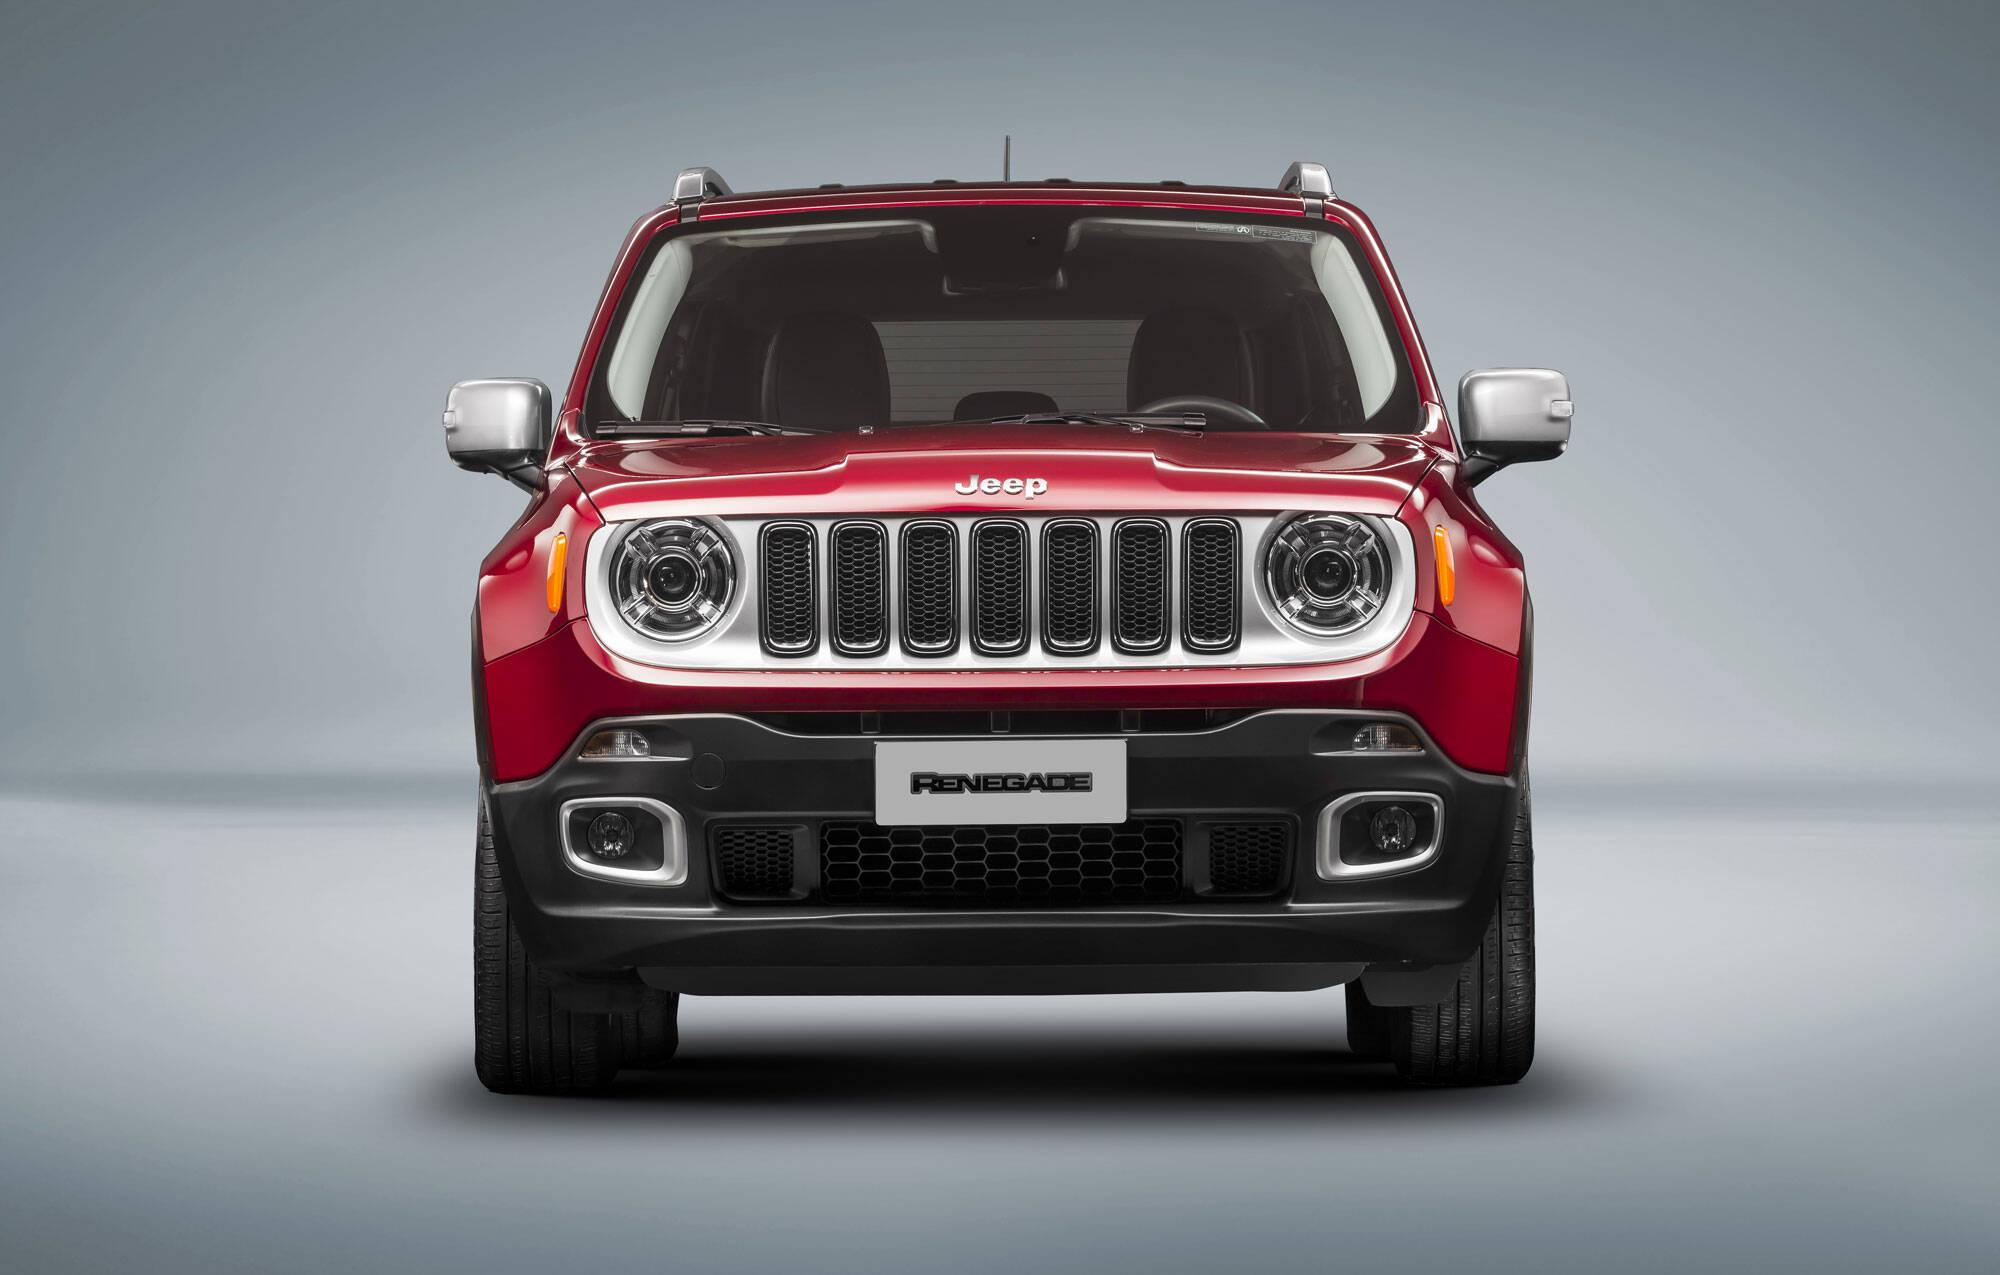 Jeep Renegade 2017. Foto: Divulgação/Fiat-Chrysler